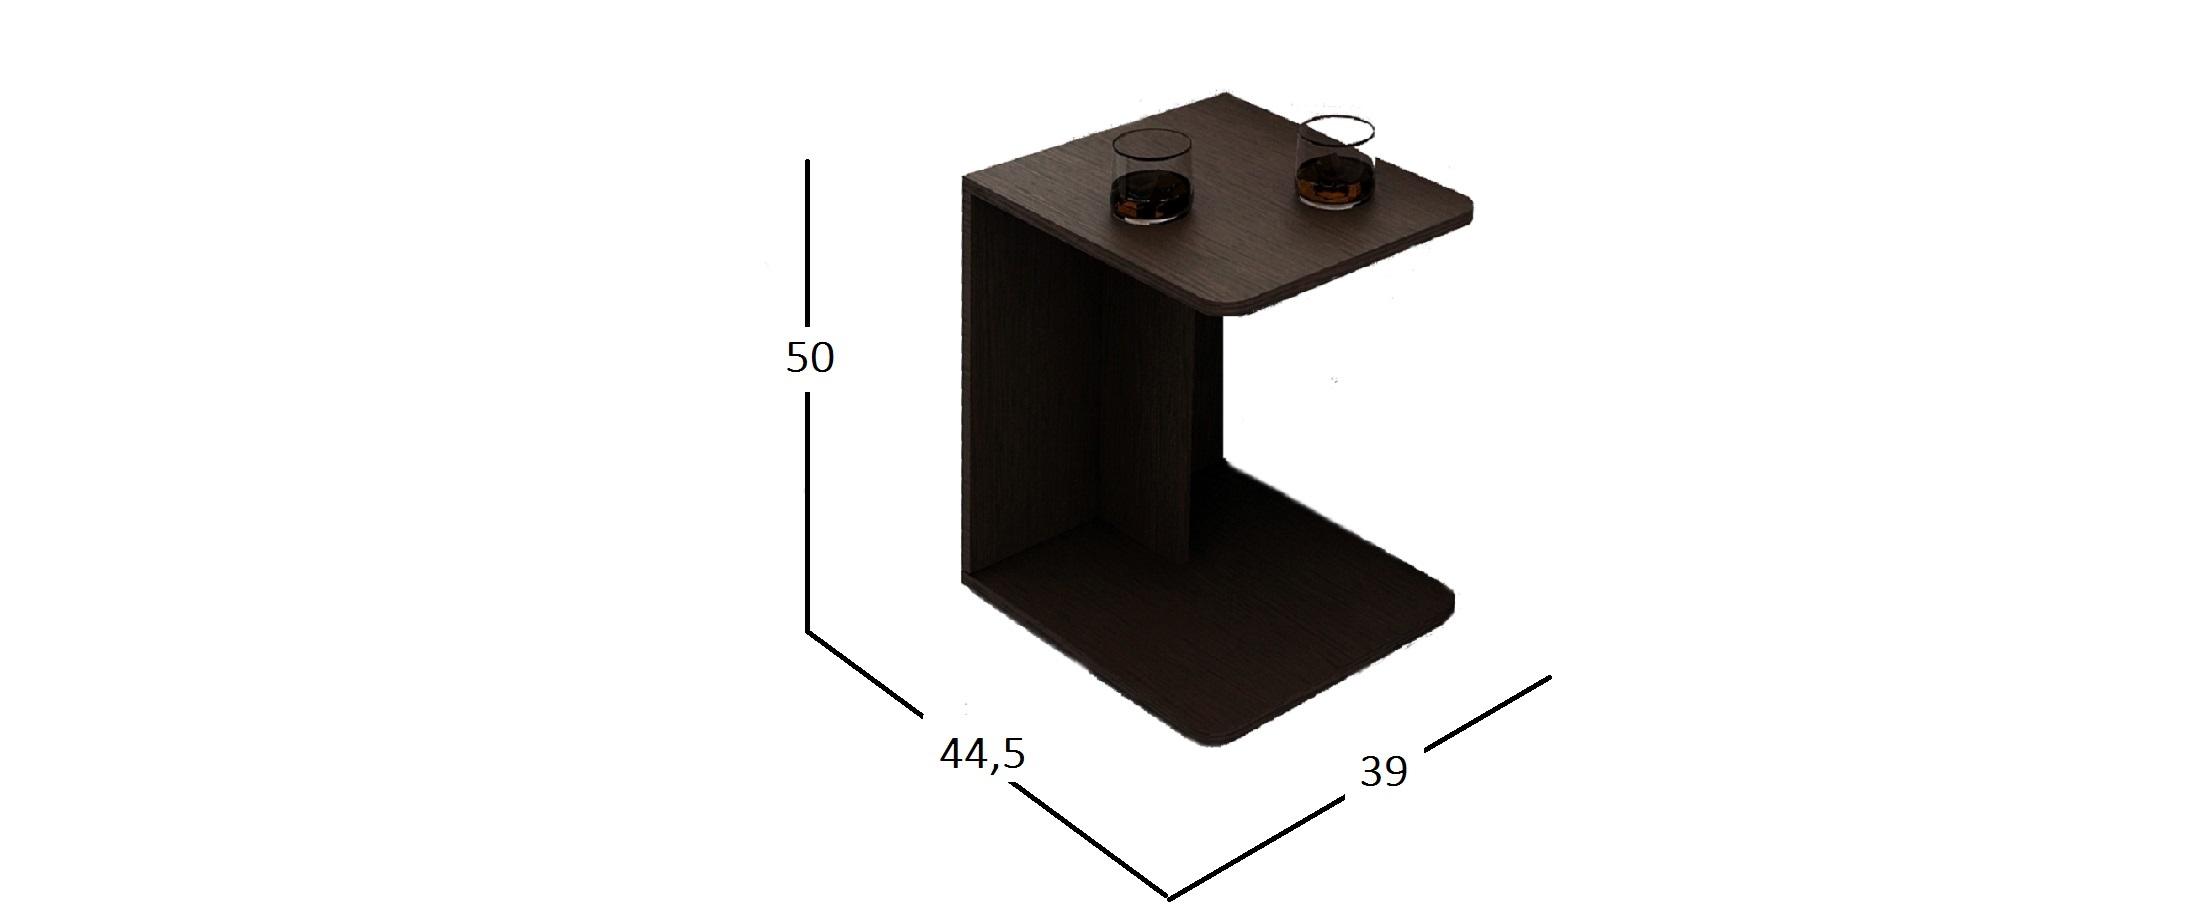 Журнальный стол Арто-25 Модель 800